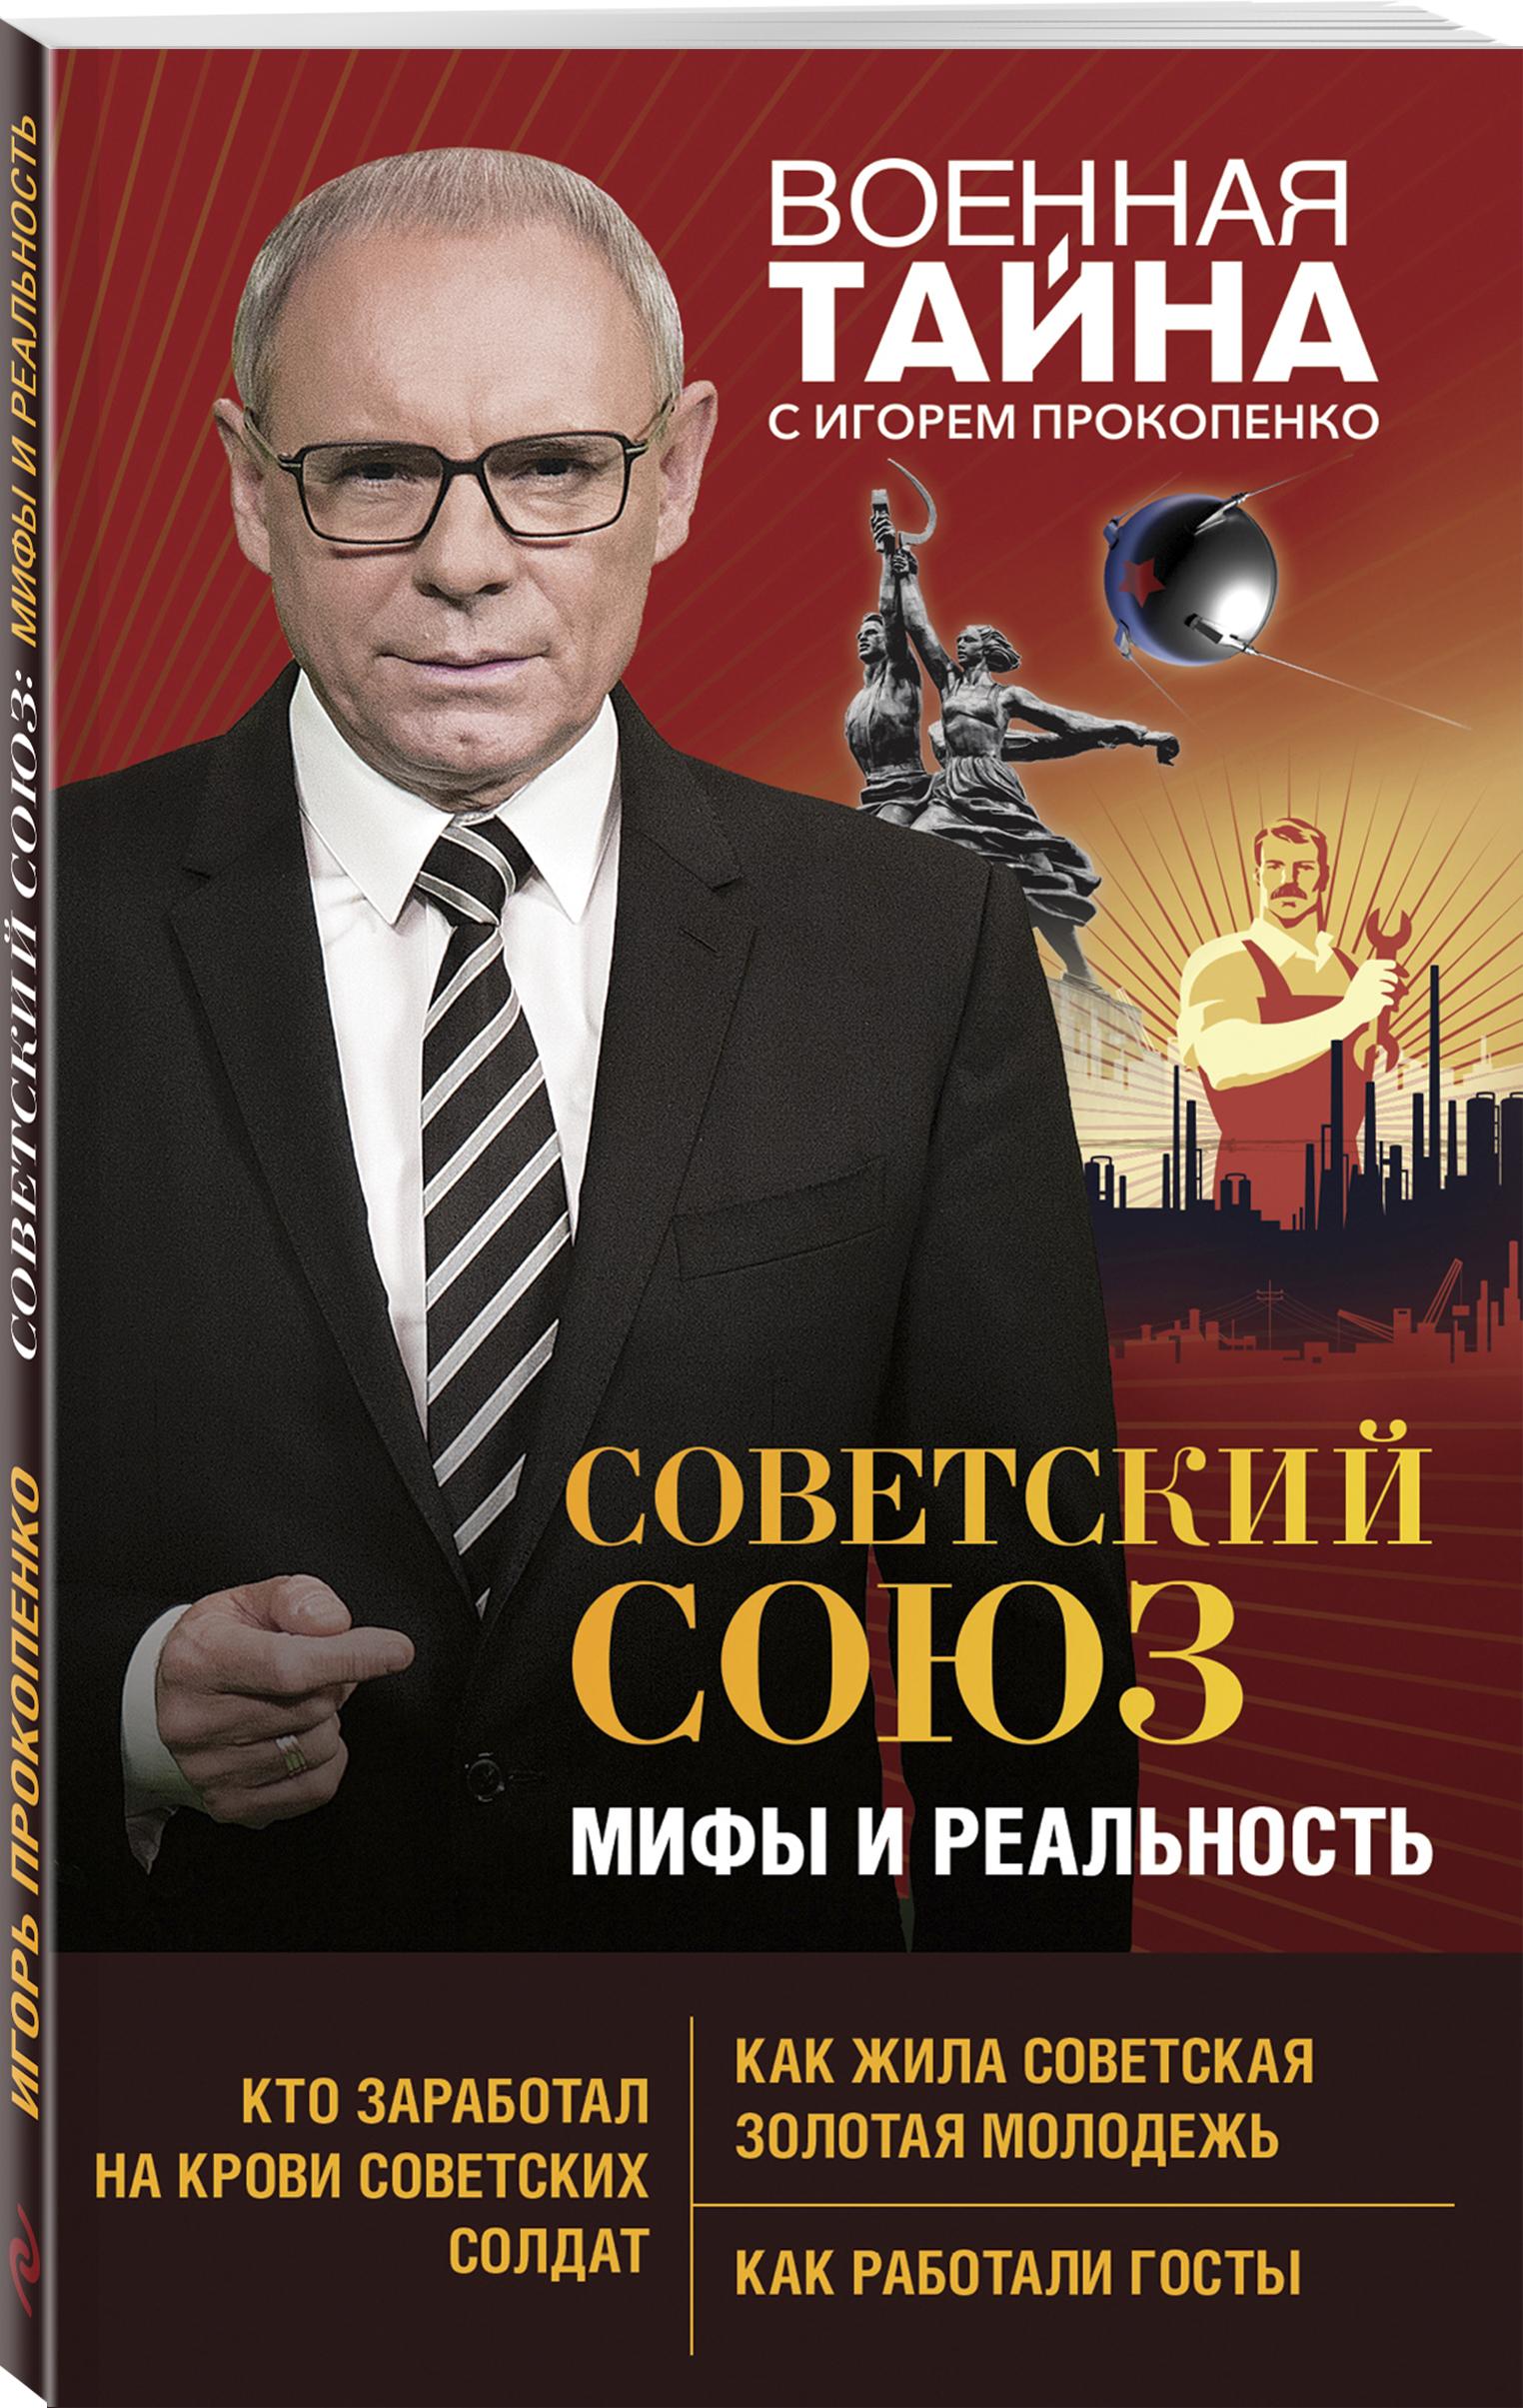 Советский Союз: мифы и реальность ( Игорь Прокопенко  )